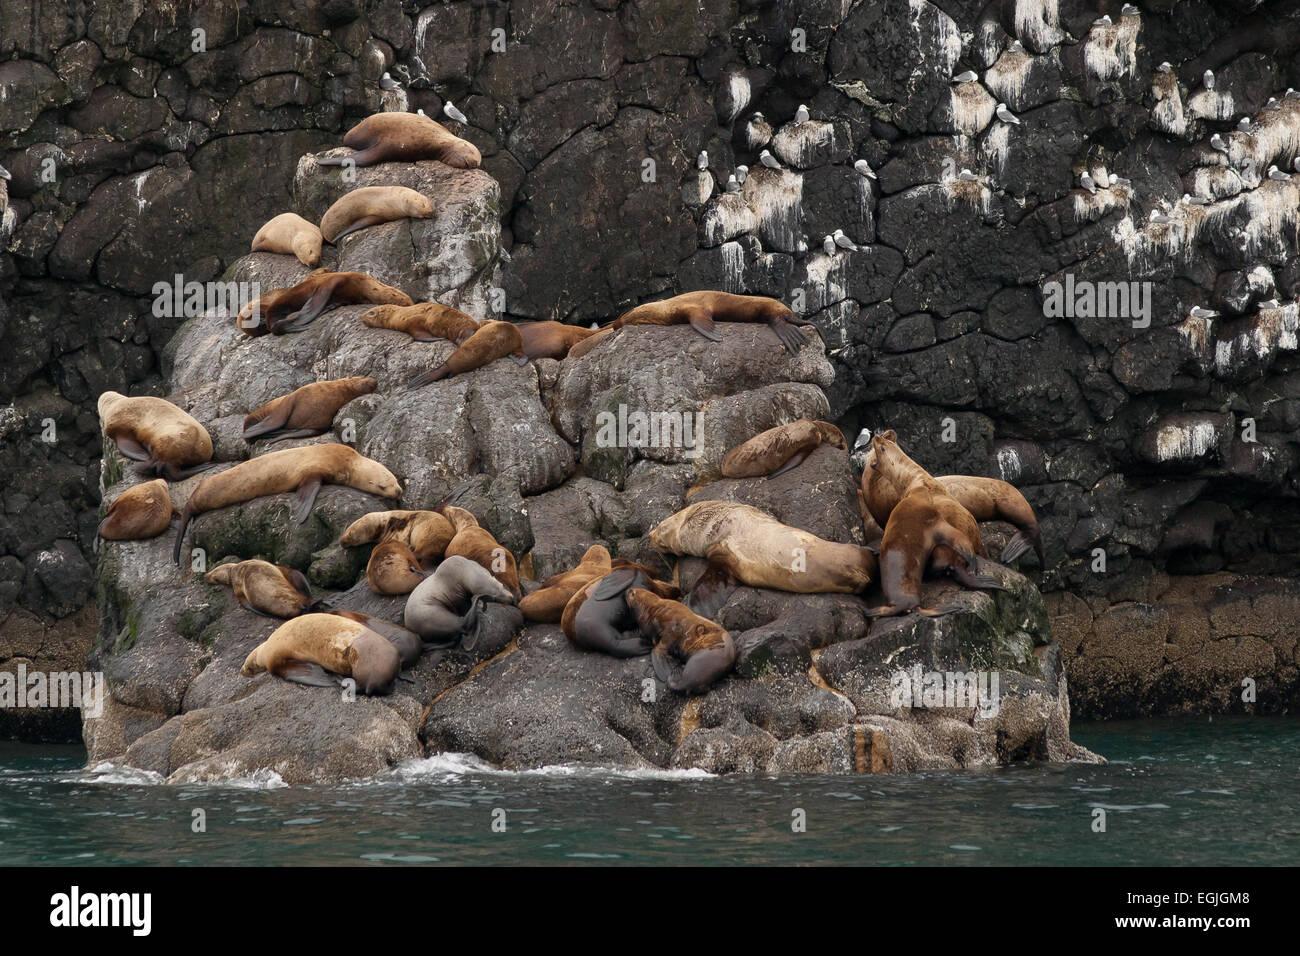 Stellar sea lions, Kenai Fijords NP, Seward, AK Stock Photo